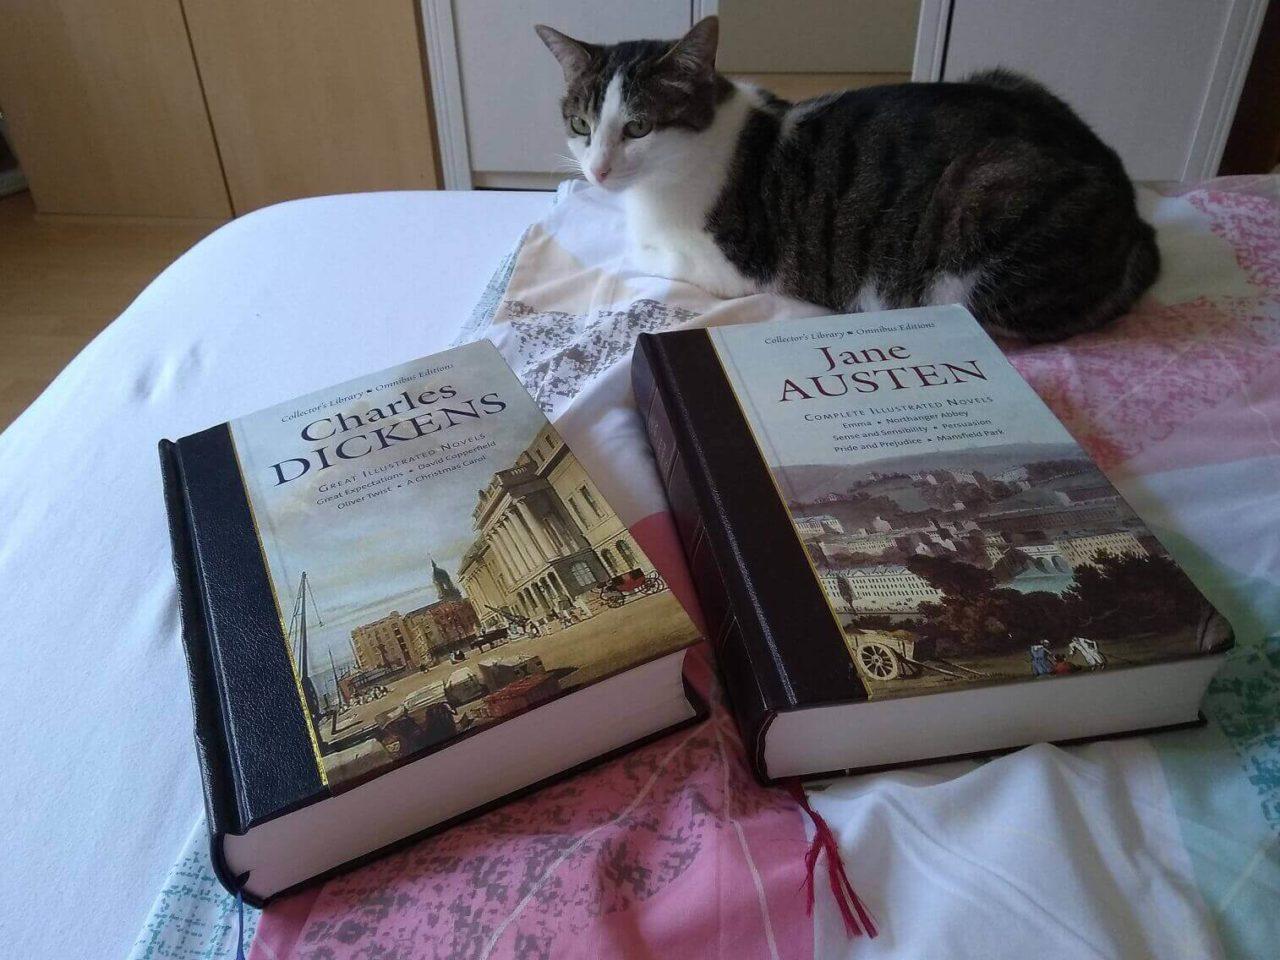 Katze Yoki und meine Lieblingsromane von Charles Dickens in einem Band und von Jane Austen in einem Band